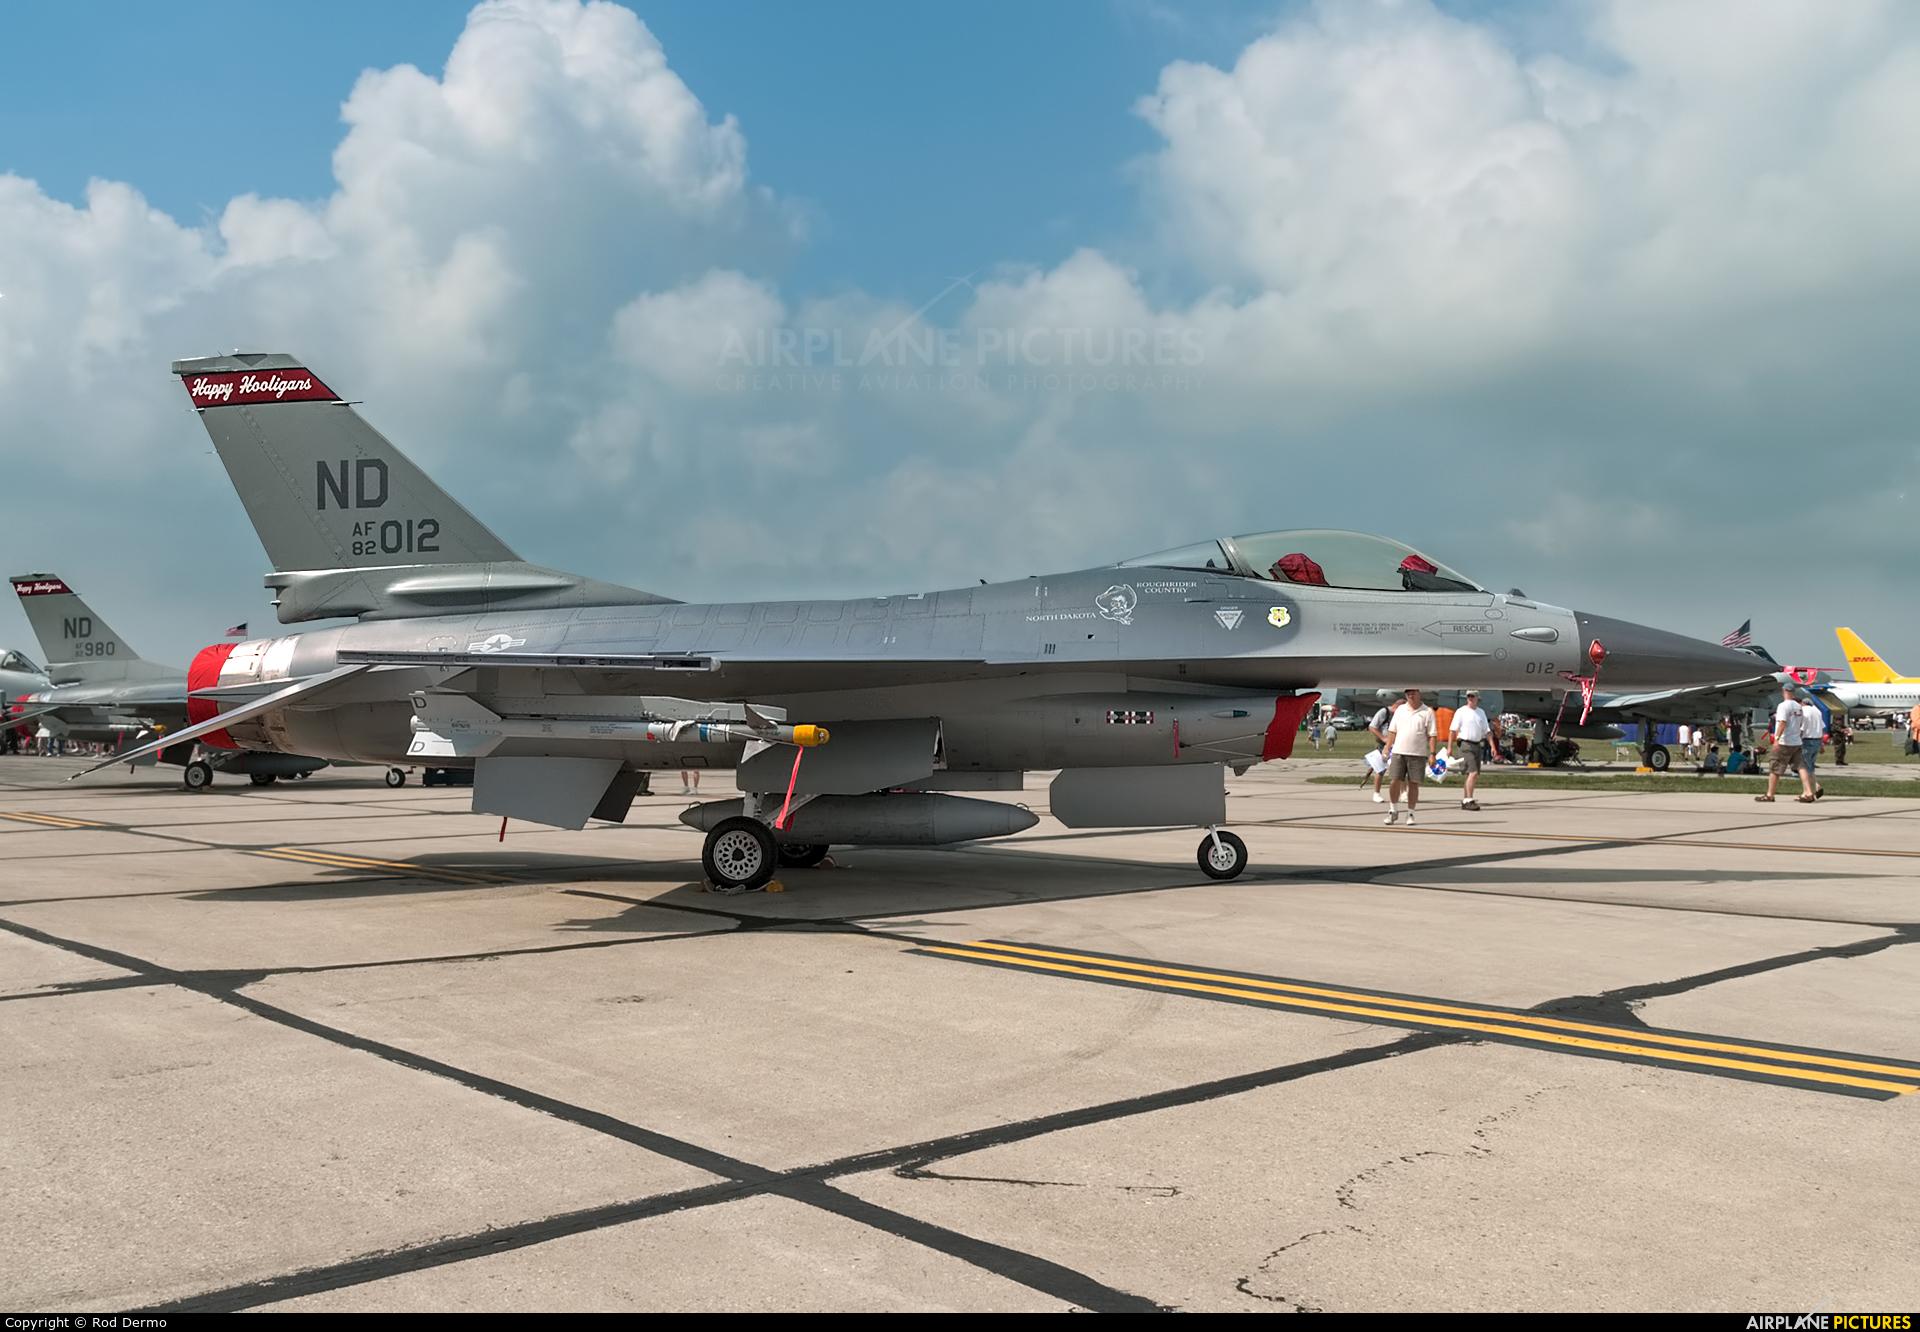 USA - Air Force 82-1012 aircraft at Dayton - James M. Cox Dayton Intl